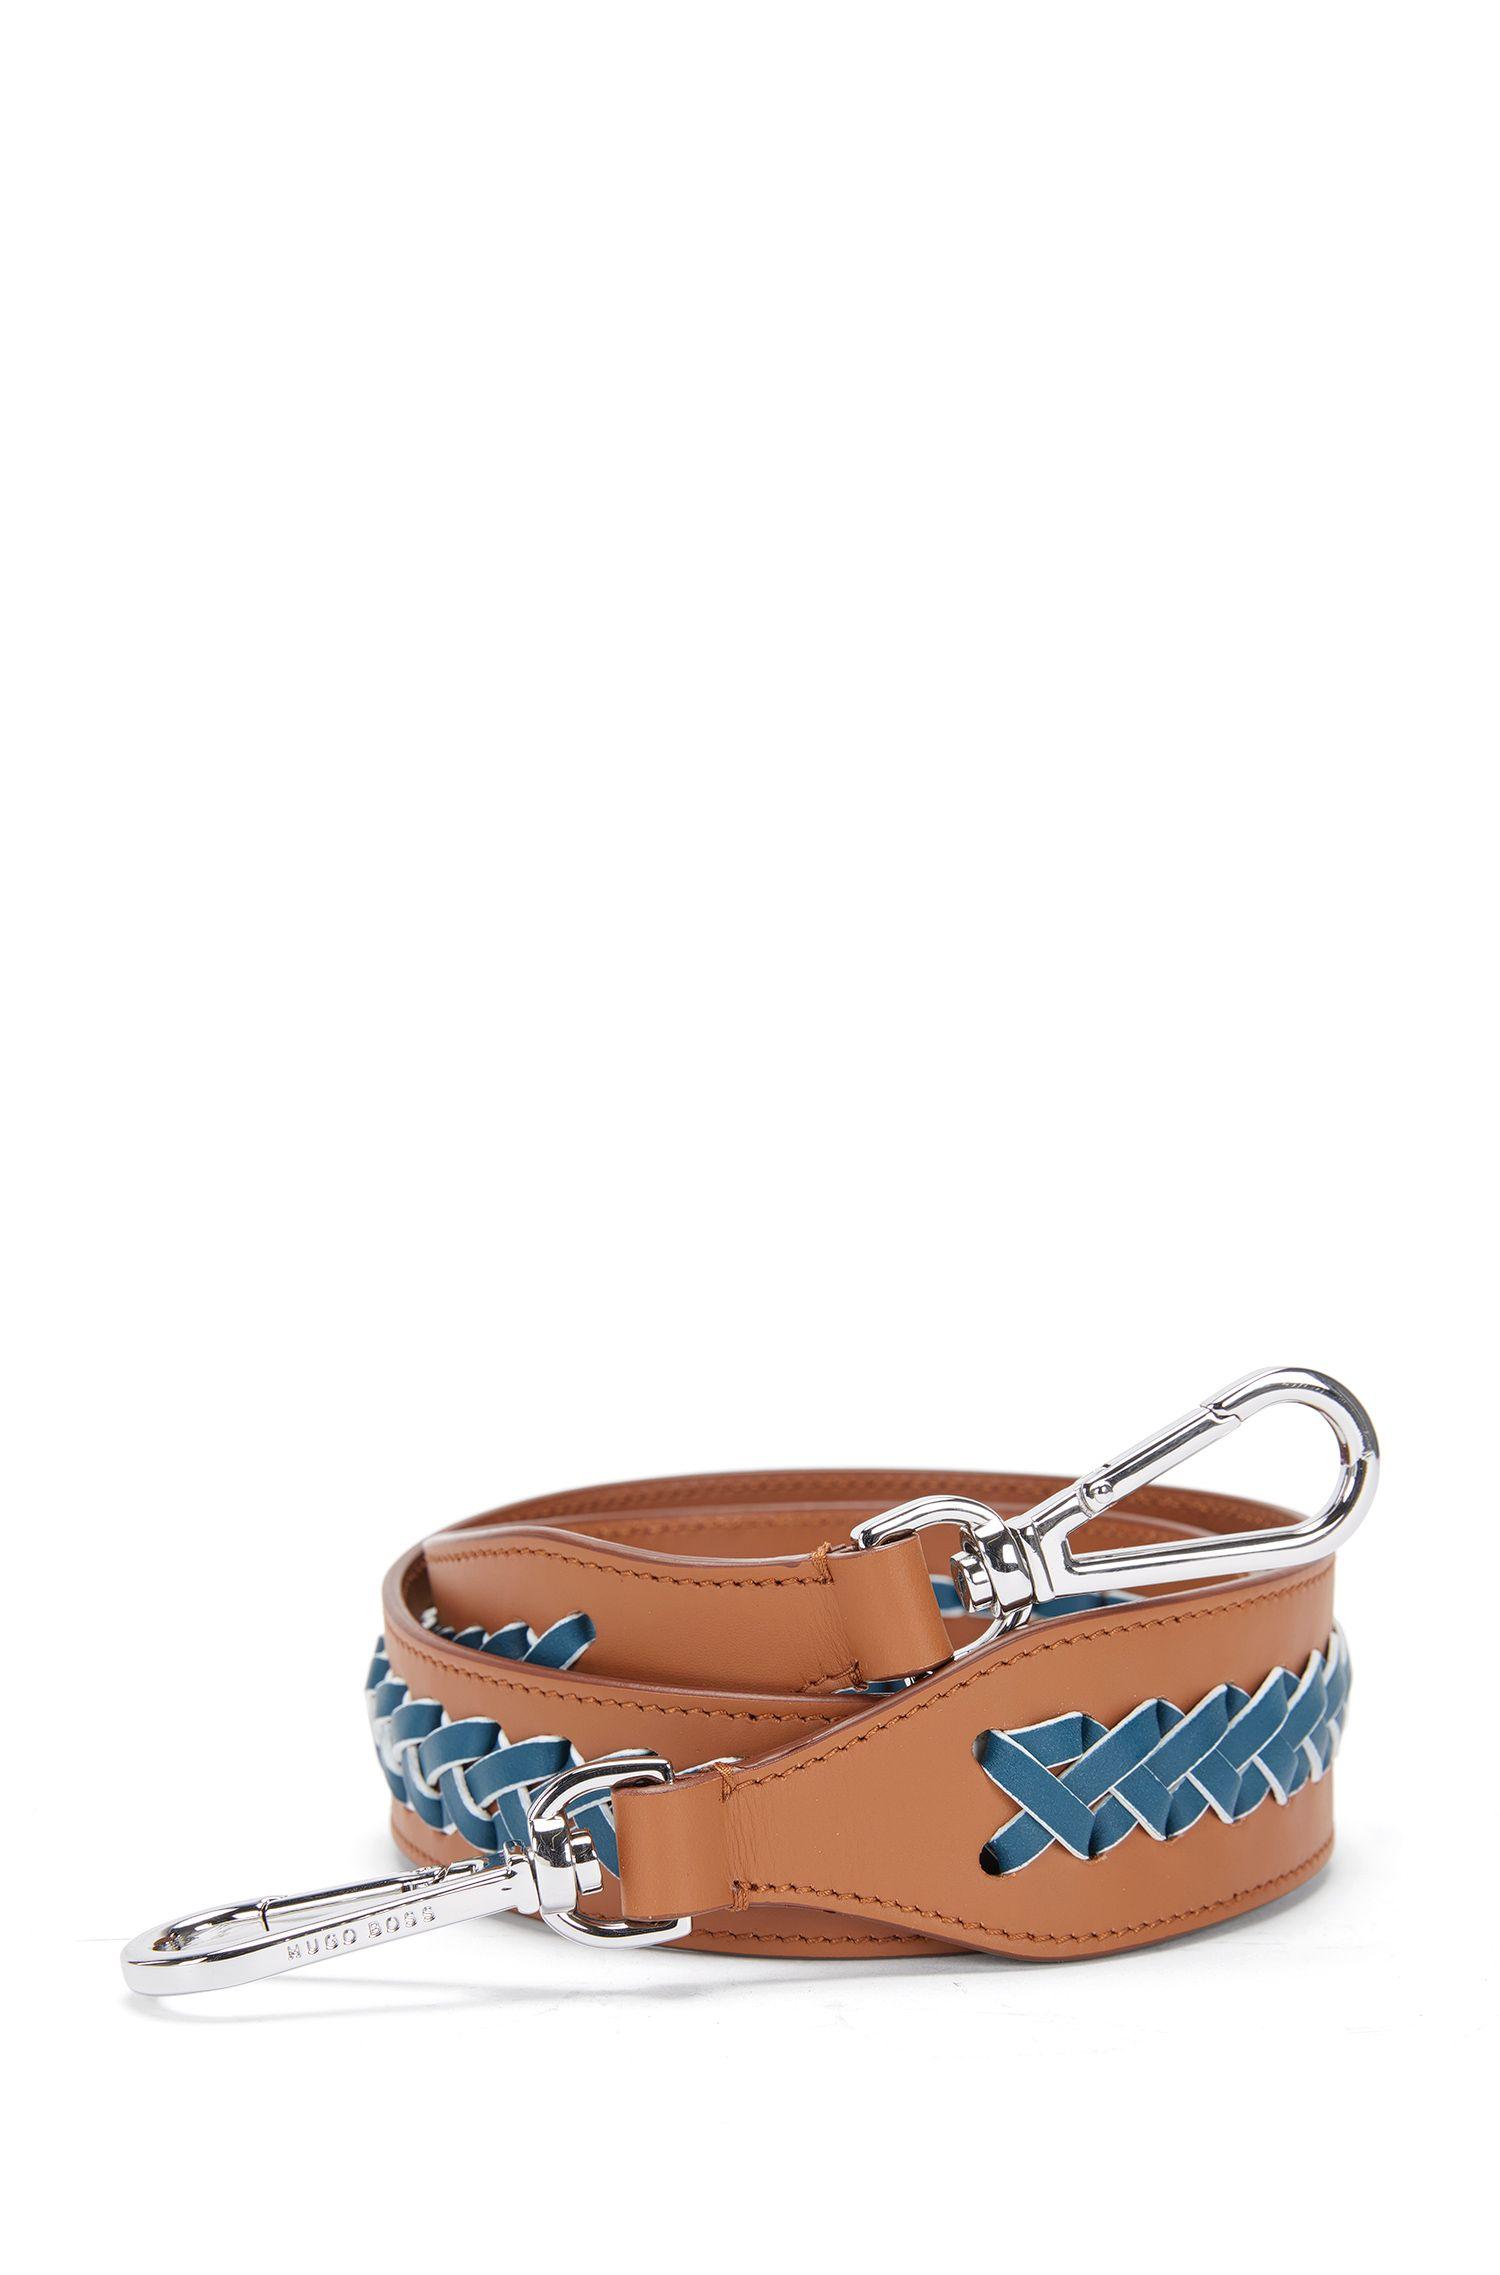 'Braid S Strap' | Calfskin Interchangeable Braided Handbag Strap